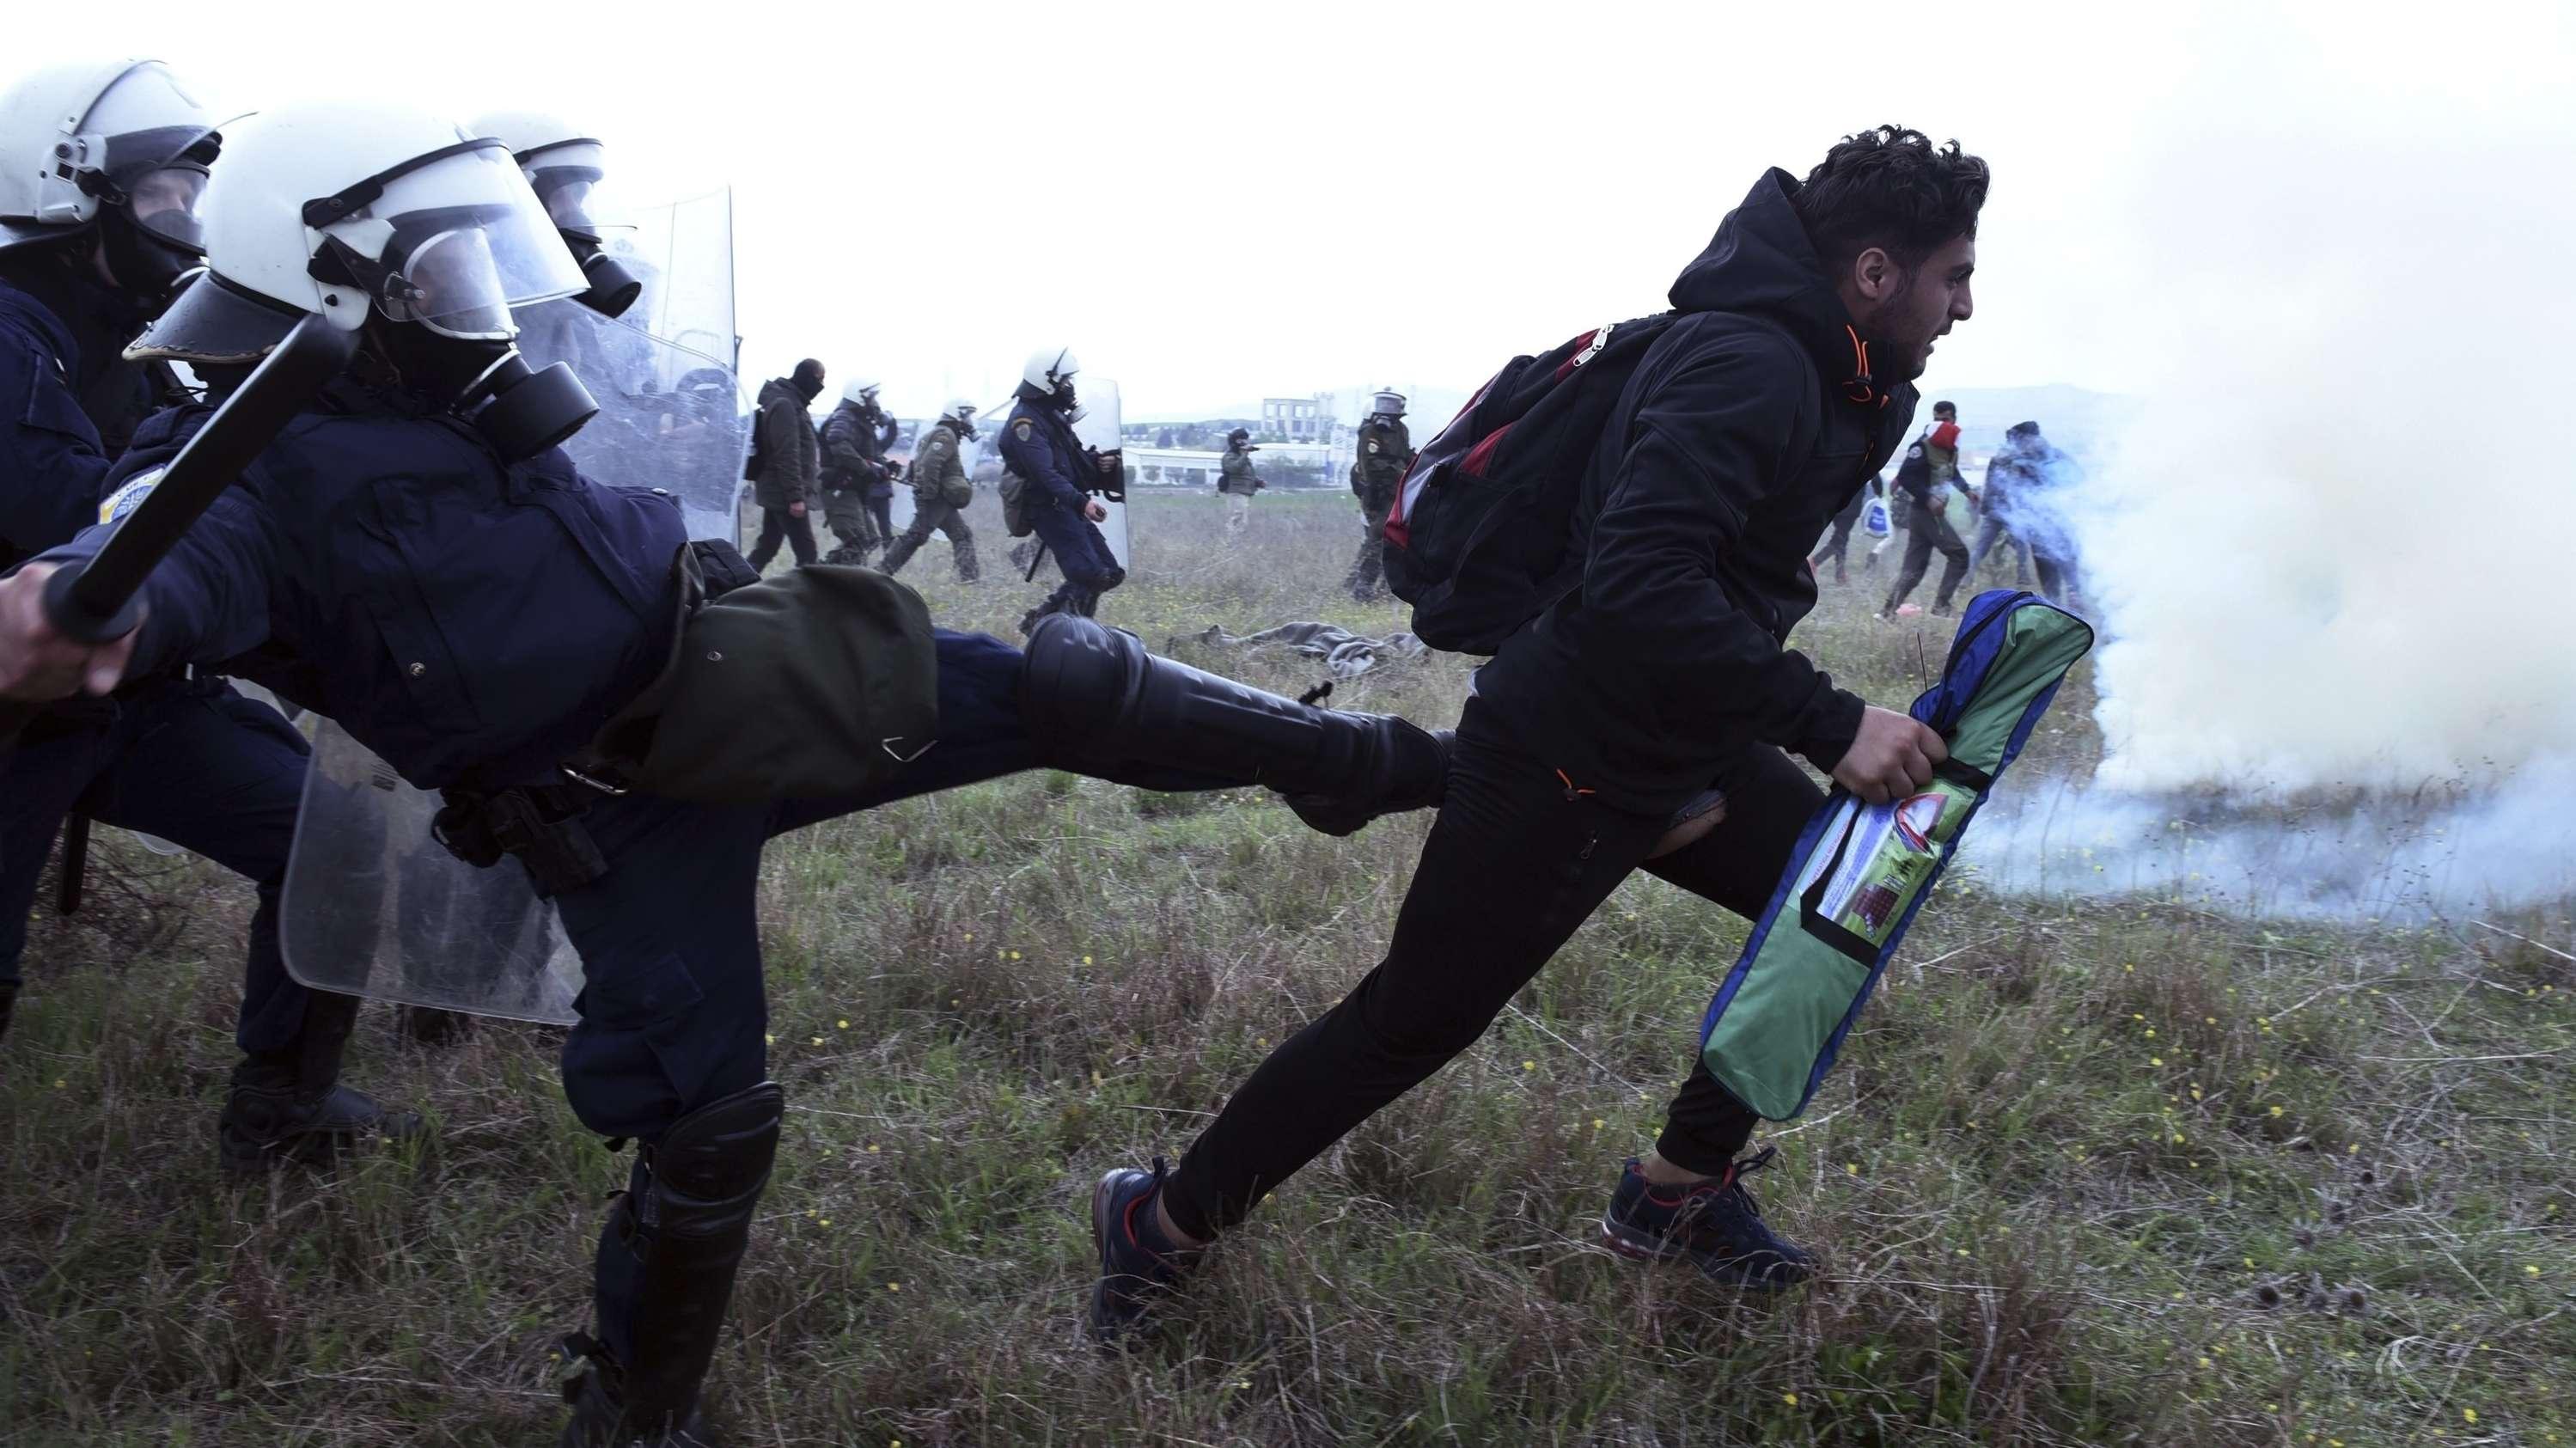 Nordgriechenland: Zusammenstöße von Migranten und Polizisten